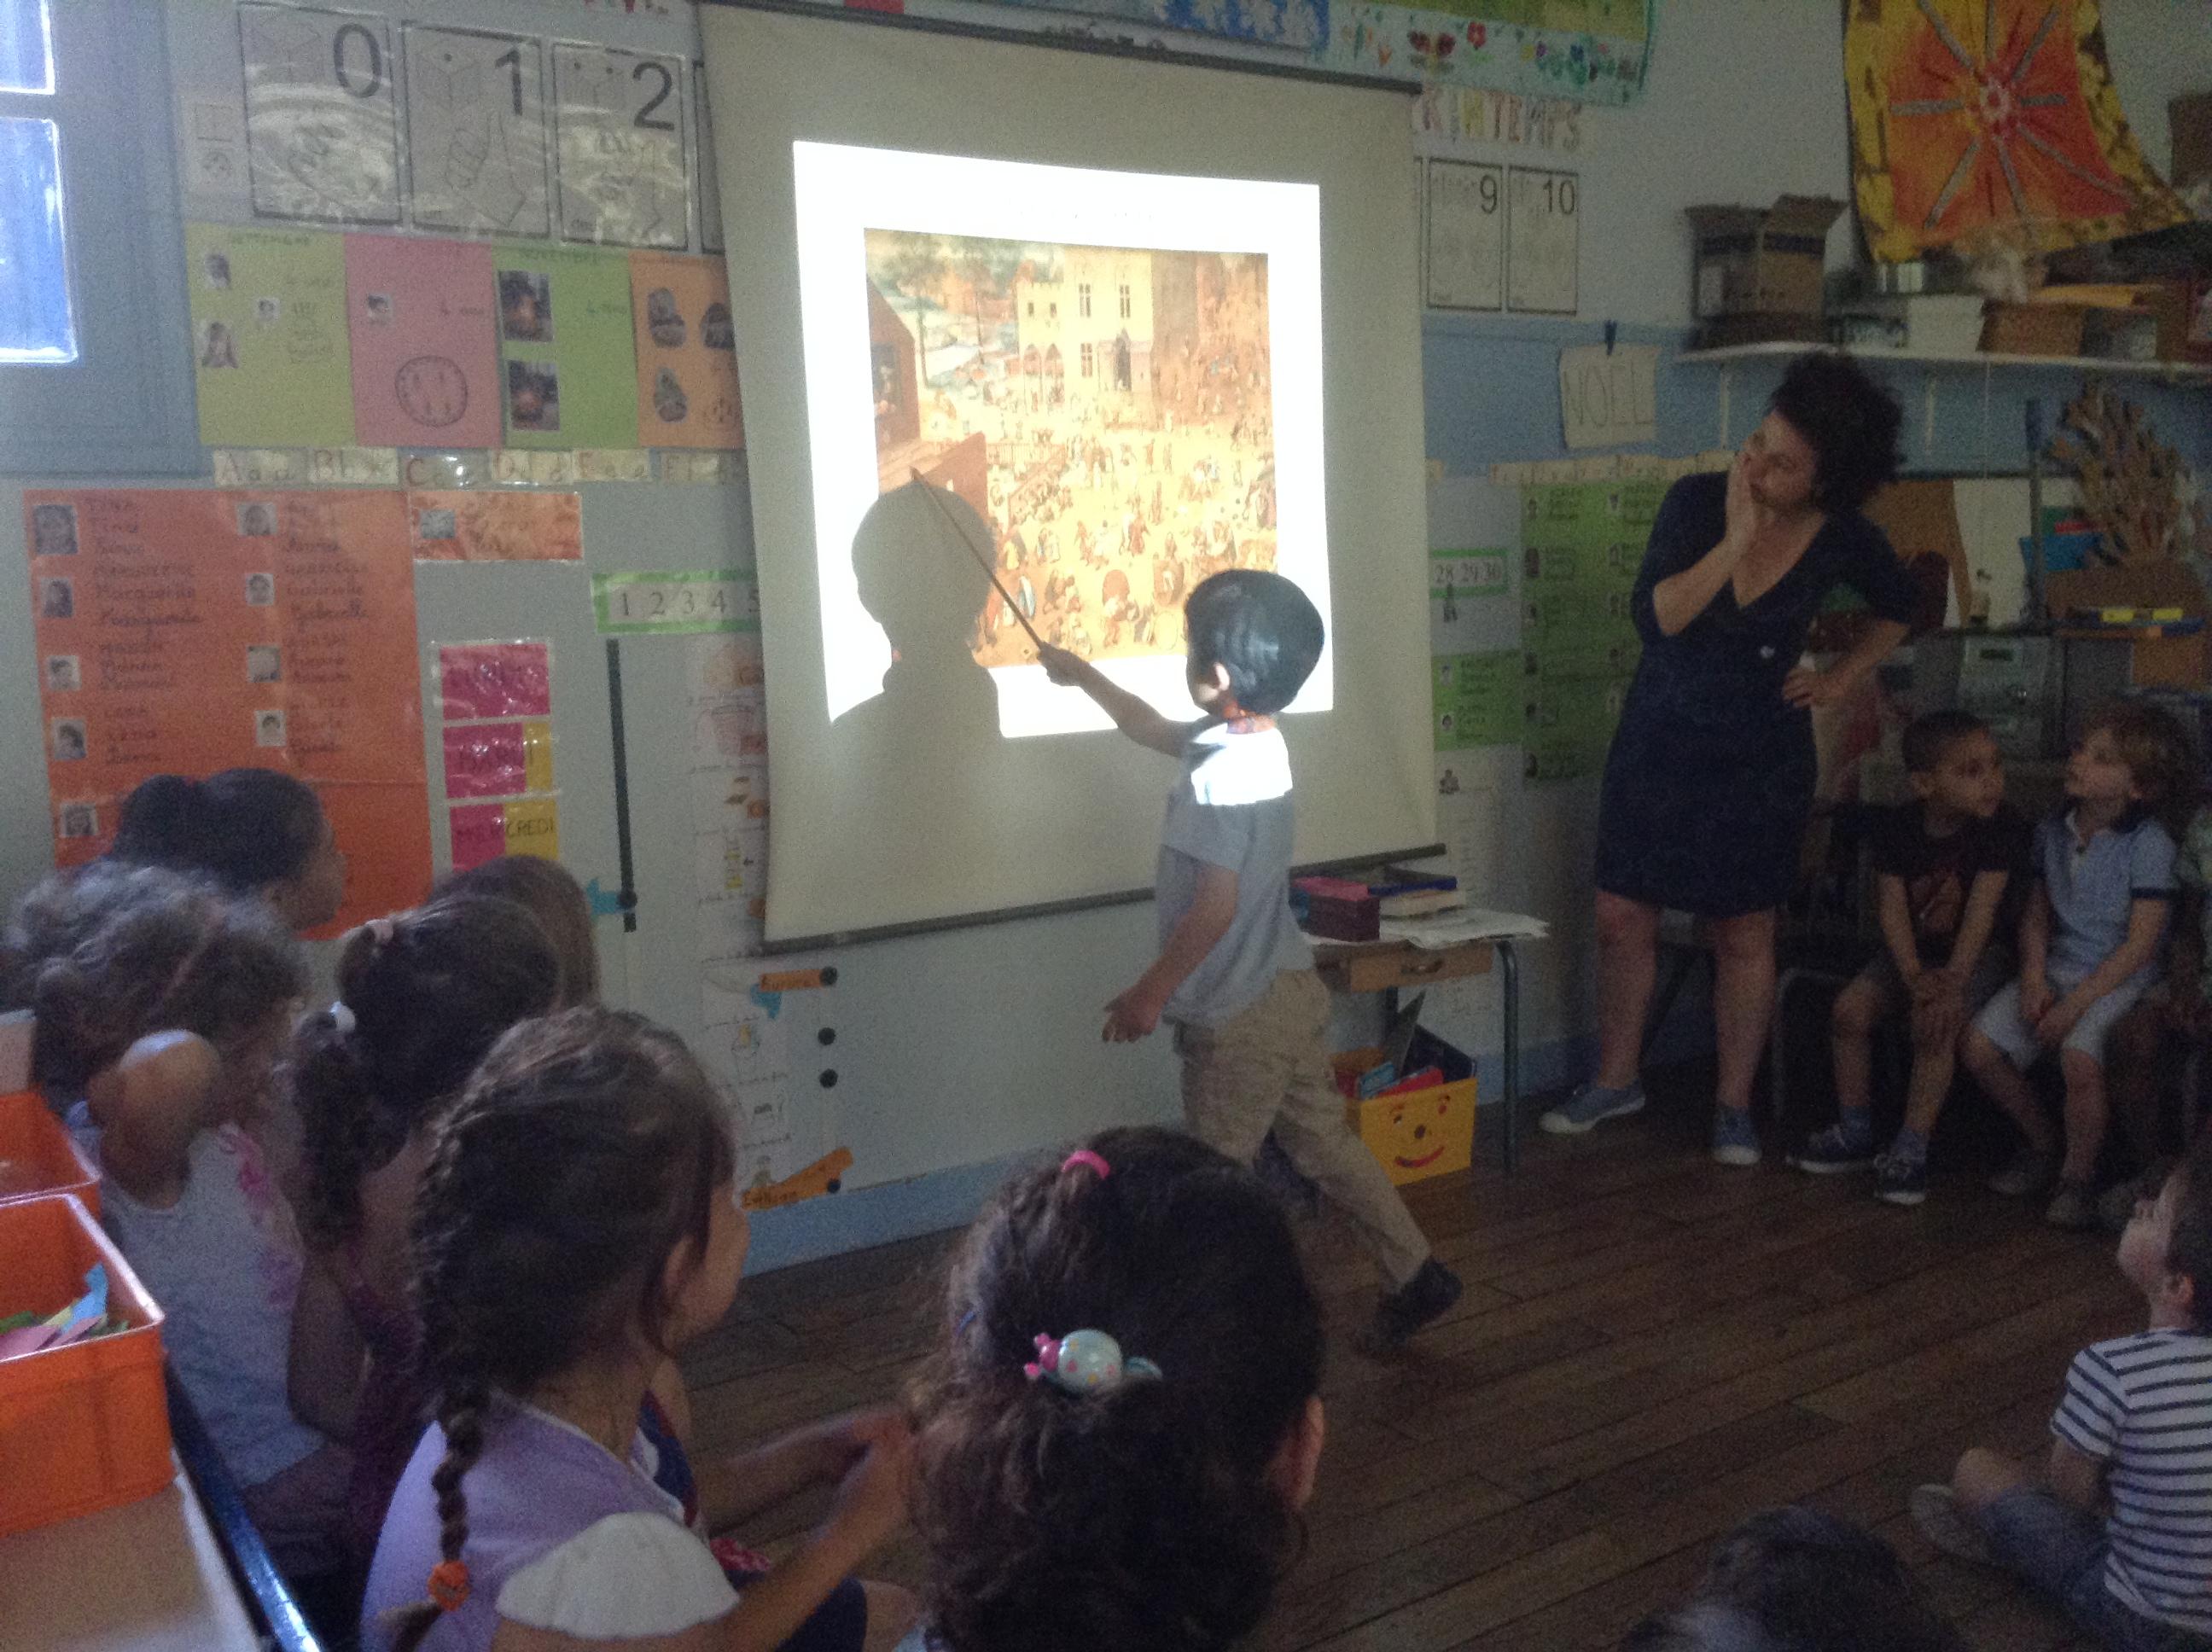 La classe de PS/MS de Catherine Thomasson  décryptent  le tableau de Bruegel